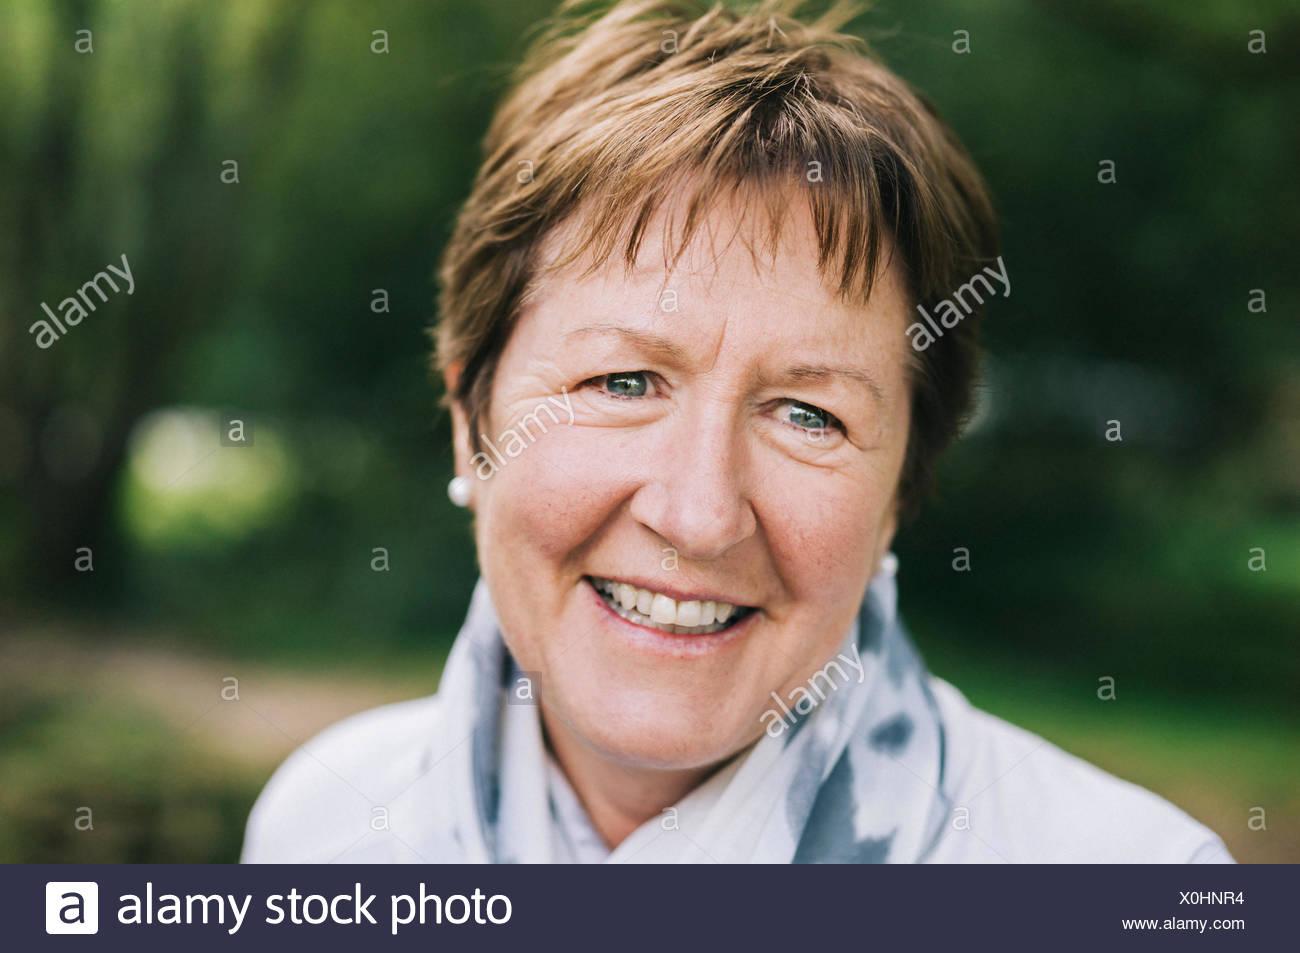 Una mujer madura con corta pelo castaño sonriente. Imagen De Stock